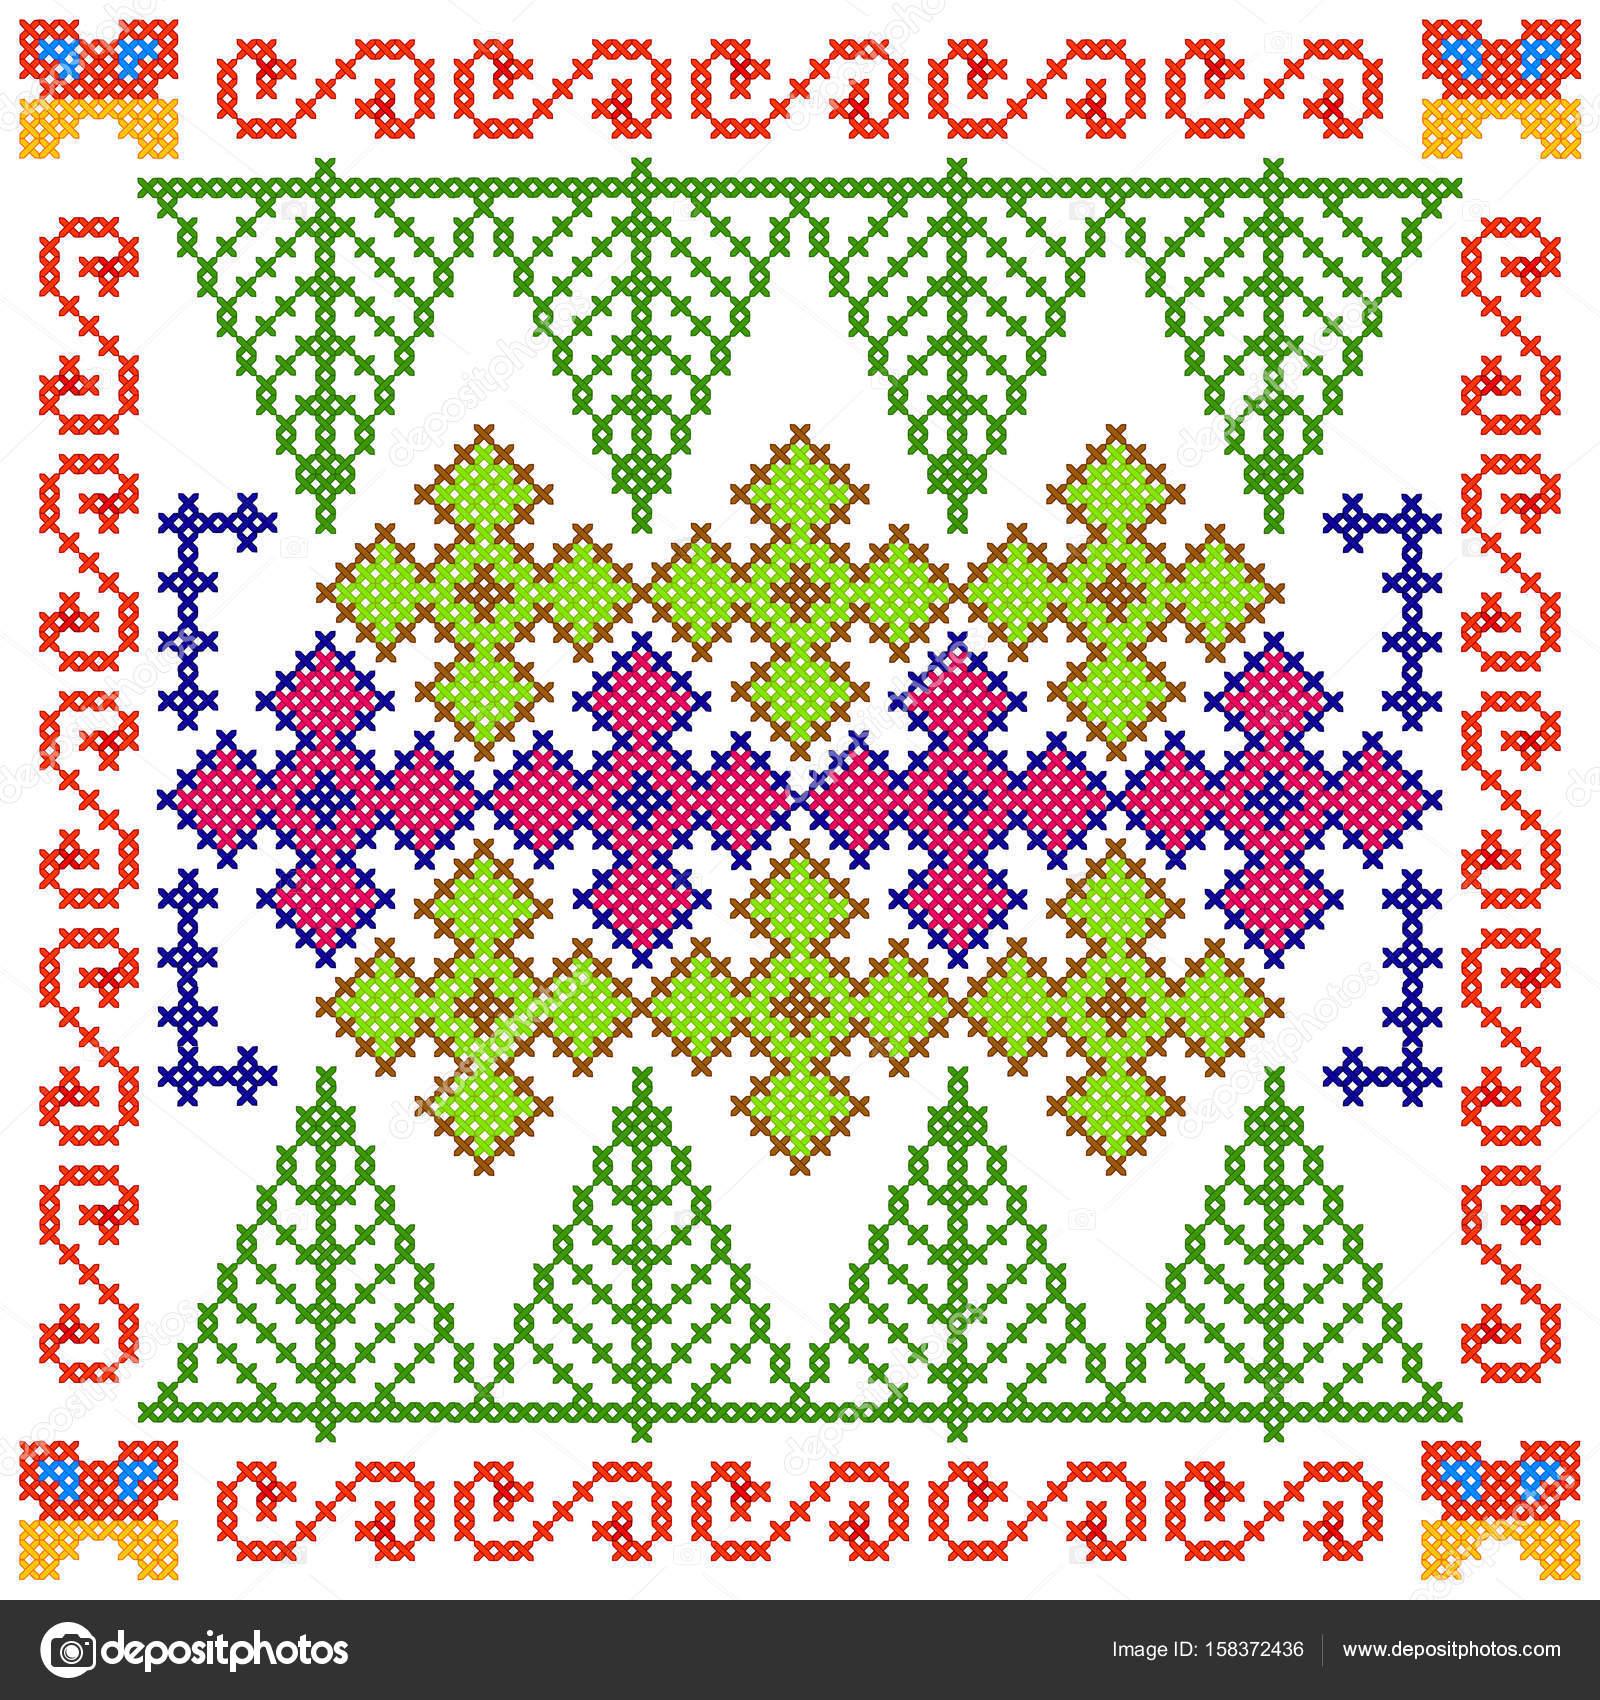 Cruz de diseño floral bordado de la puntada para textura de patrones ...